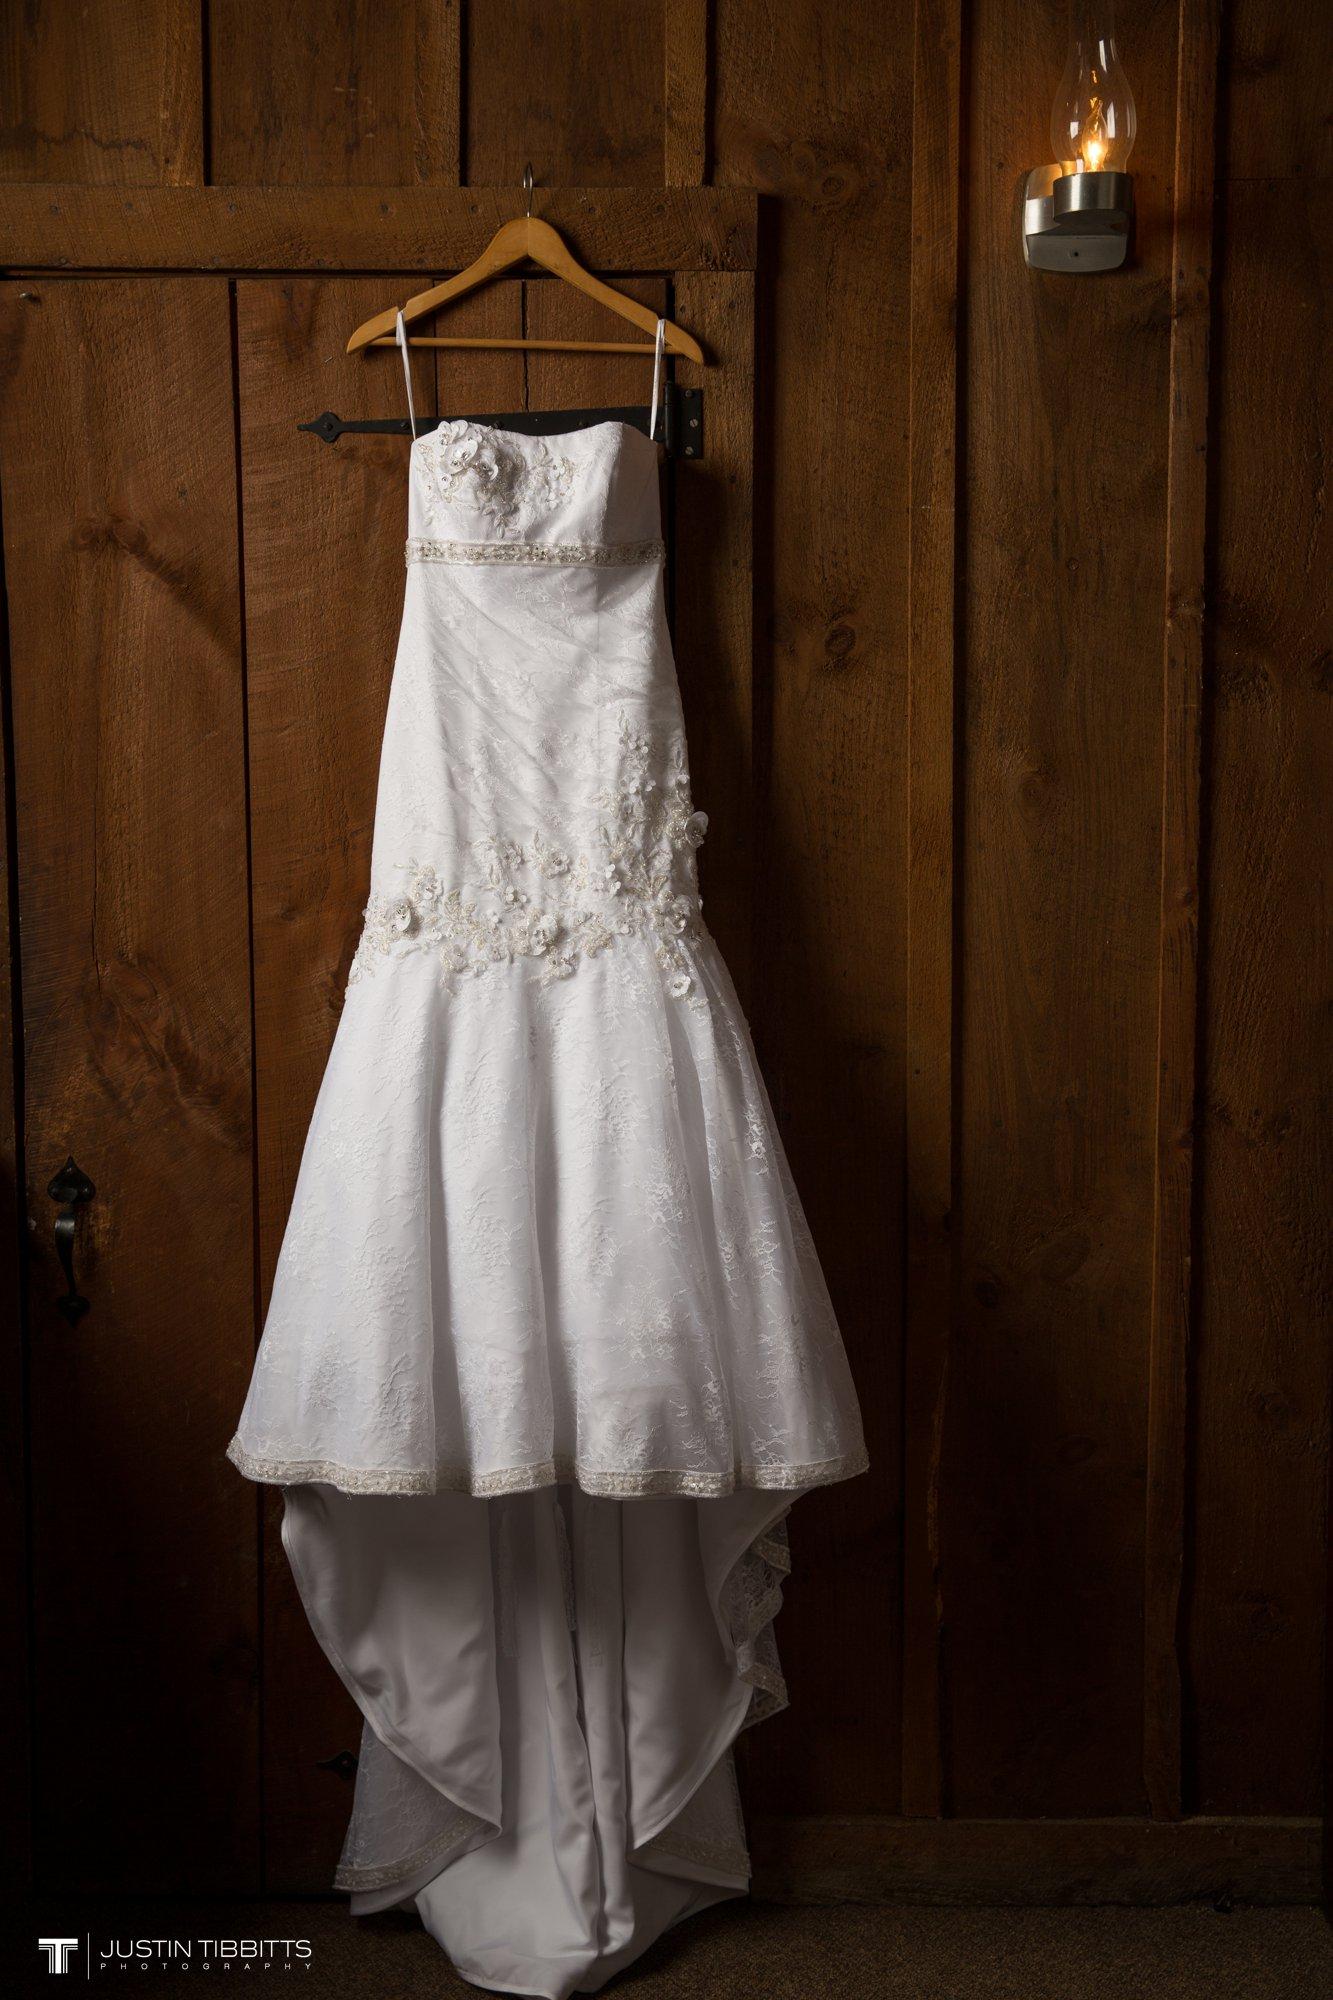 Albany NY Wedding Photographer Justin Tibbitts Photography 2014 Best of Albany NY Weddings-410310620714